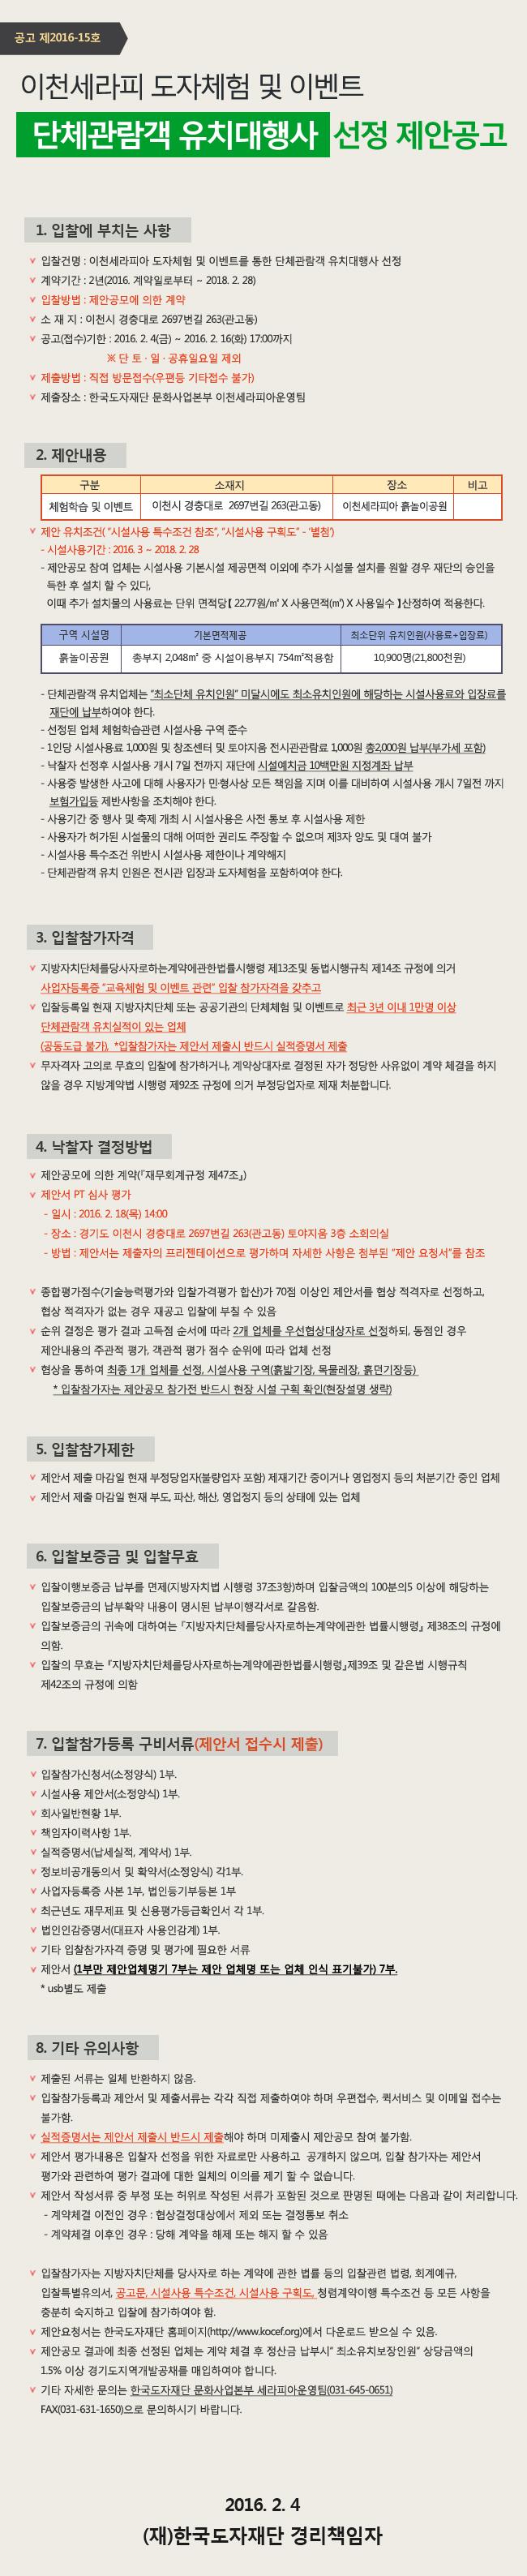 이천세라피아 도자체험 및 이벤트 단체관람객 유치대행사 선정 제안공모